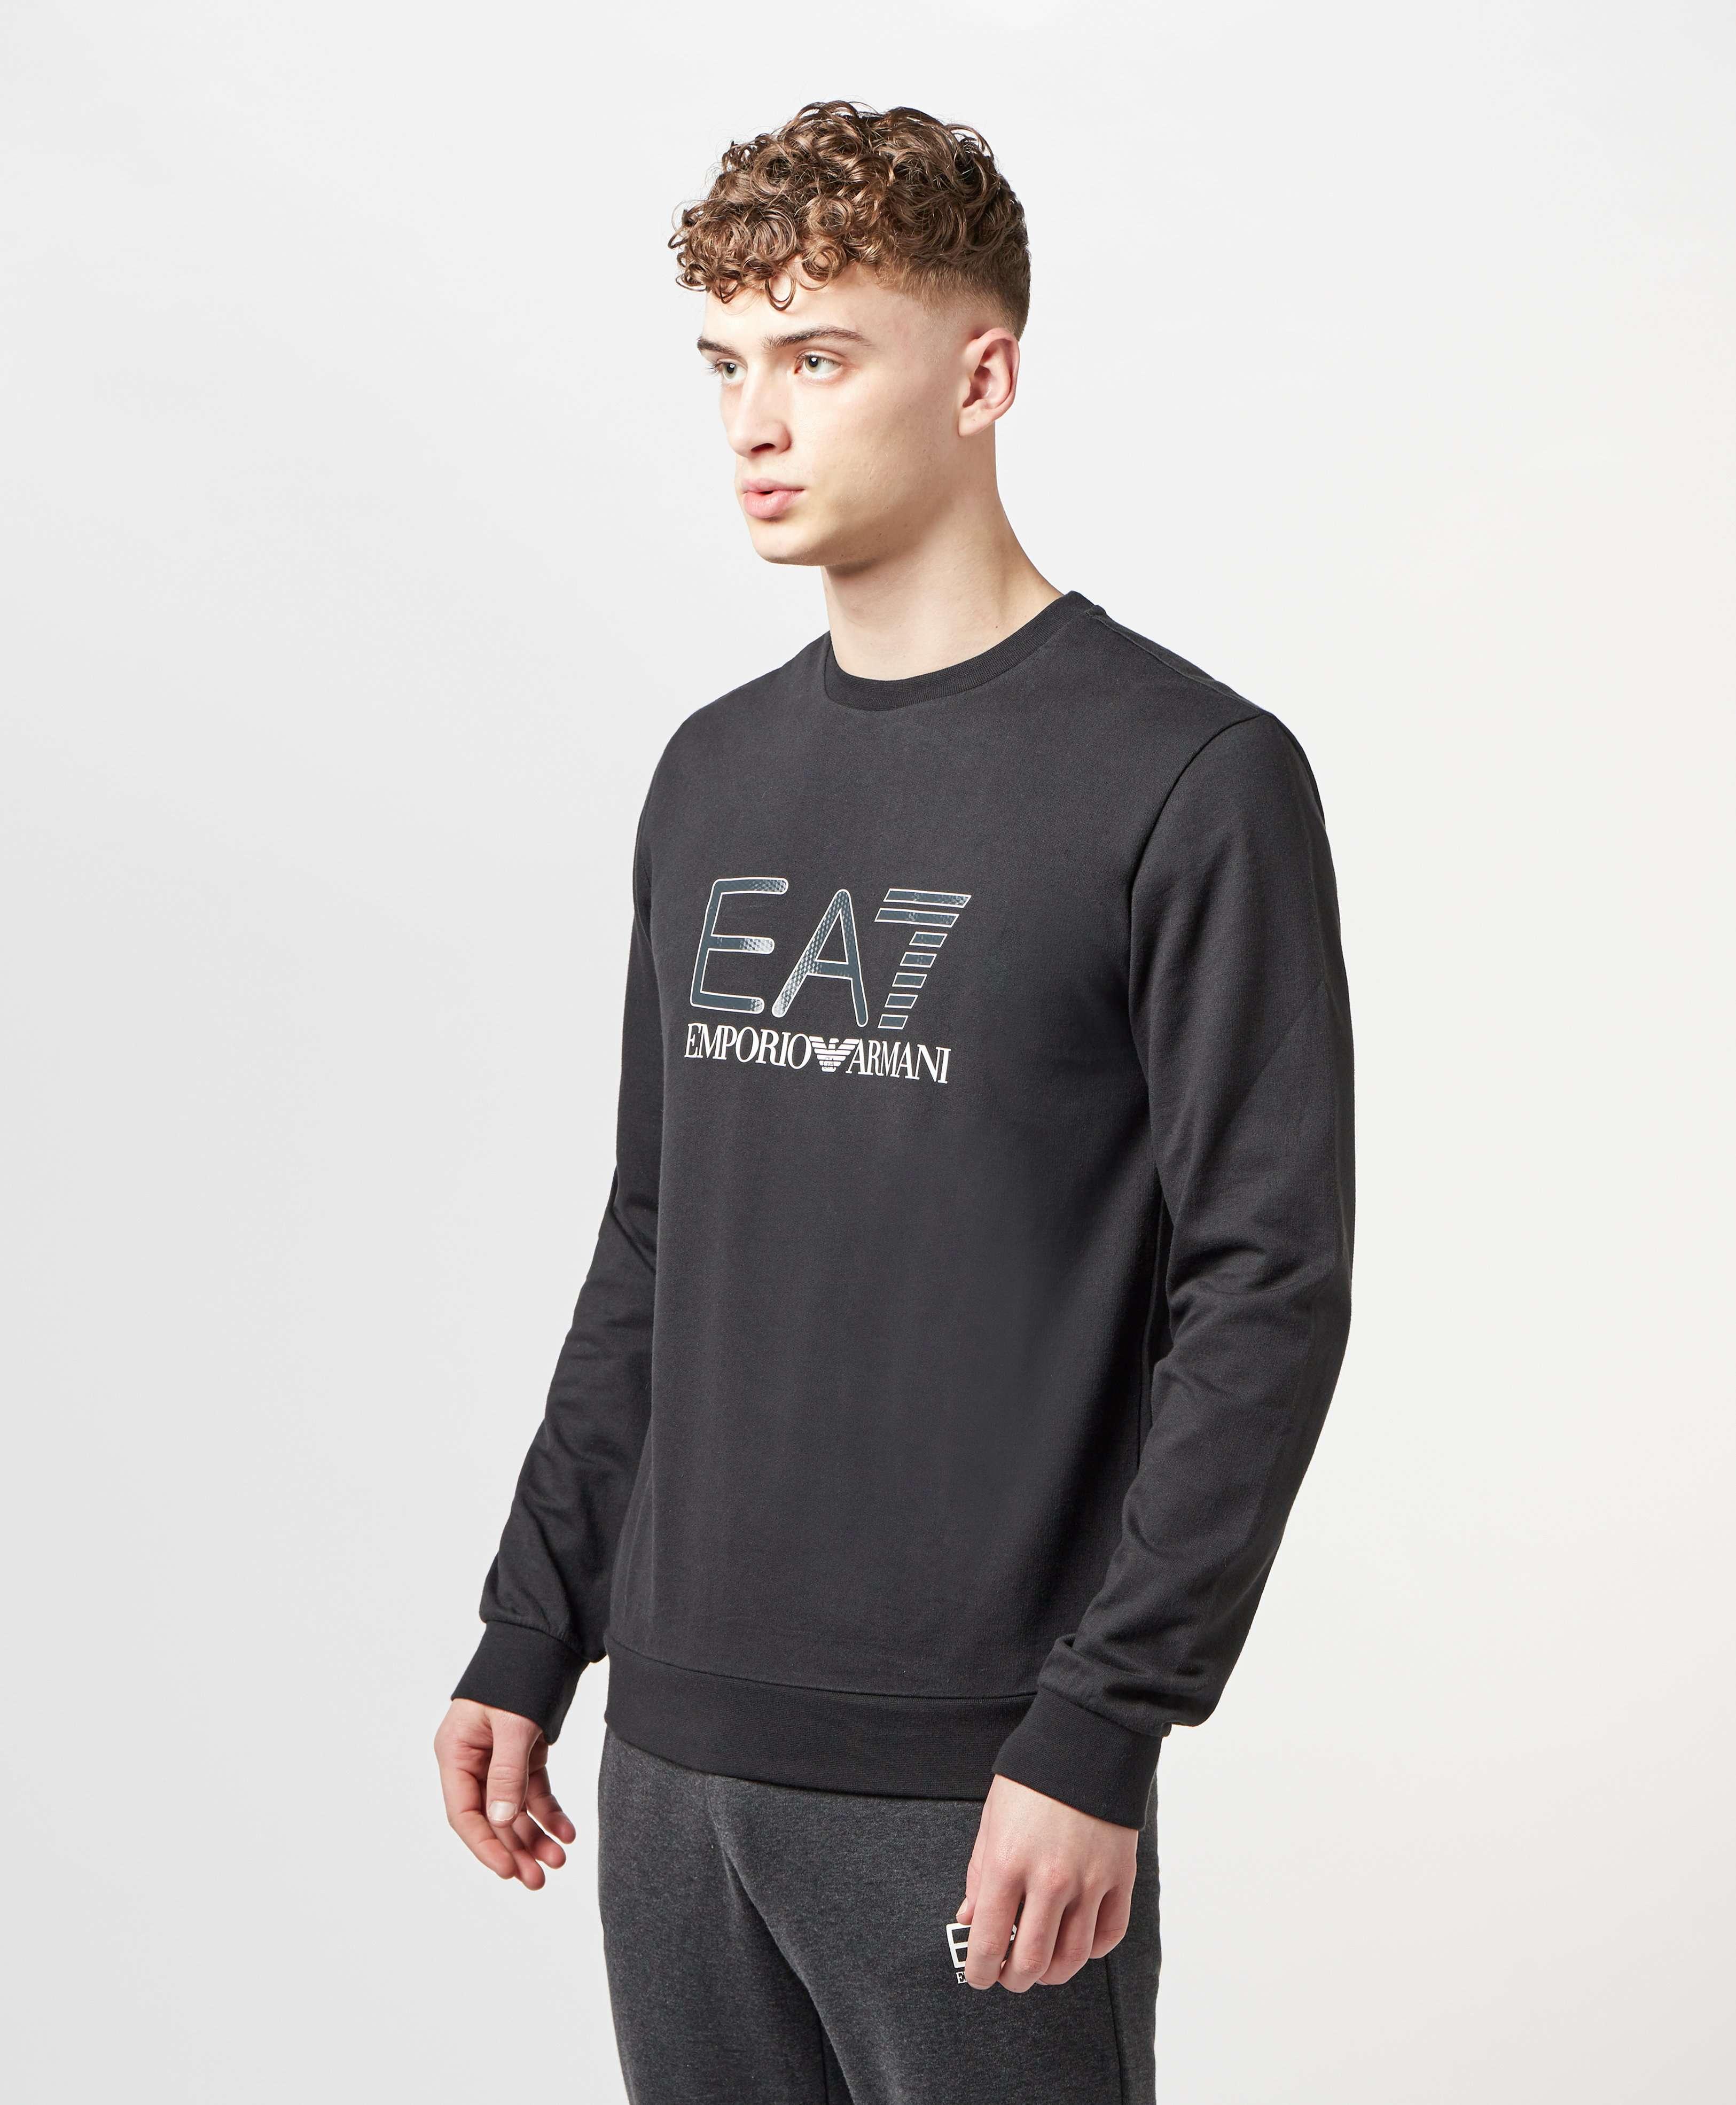 Emporio Armani EA7 Carbon Logo Sweatshirt